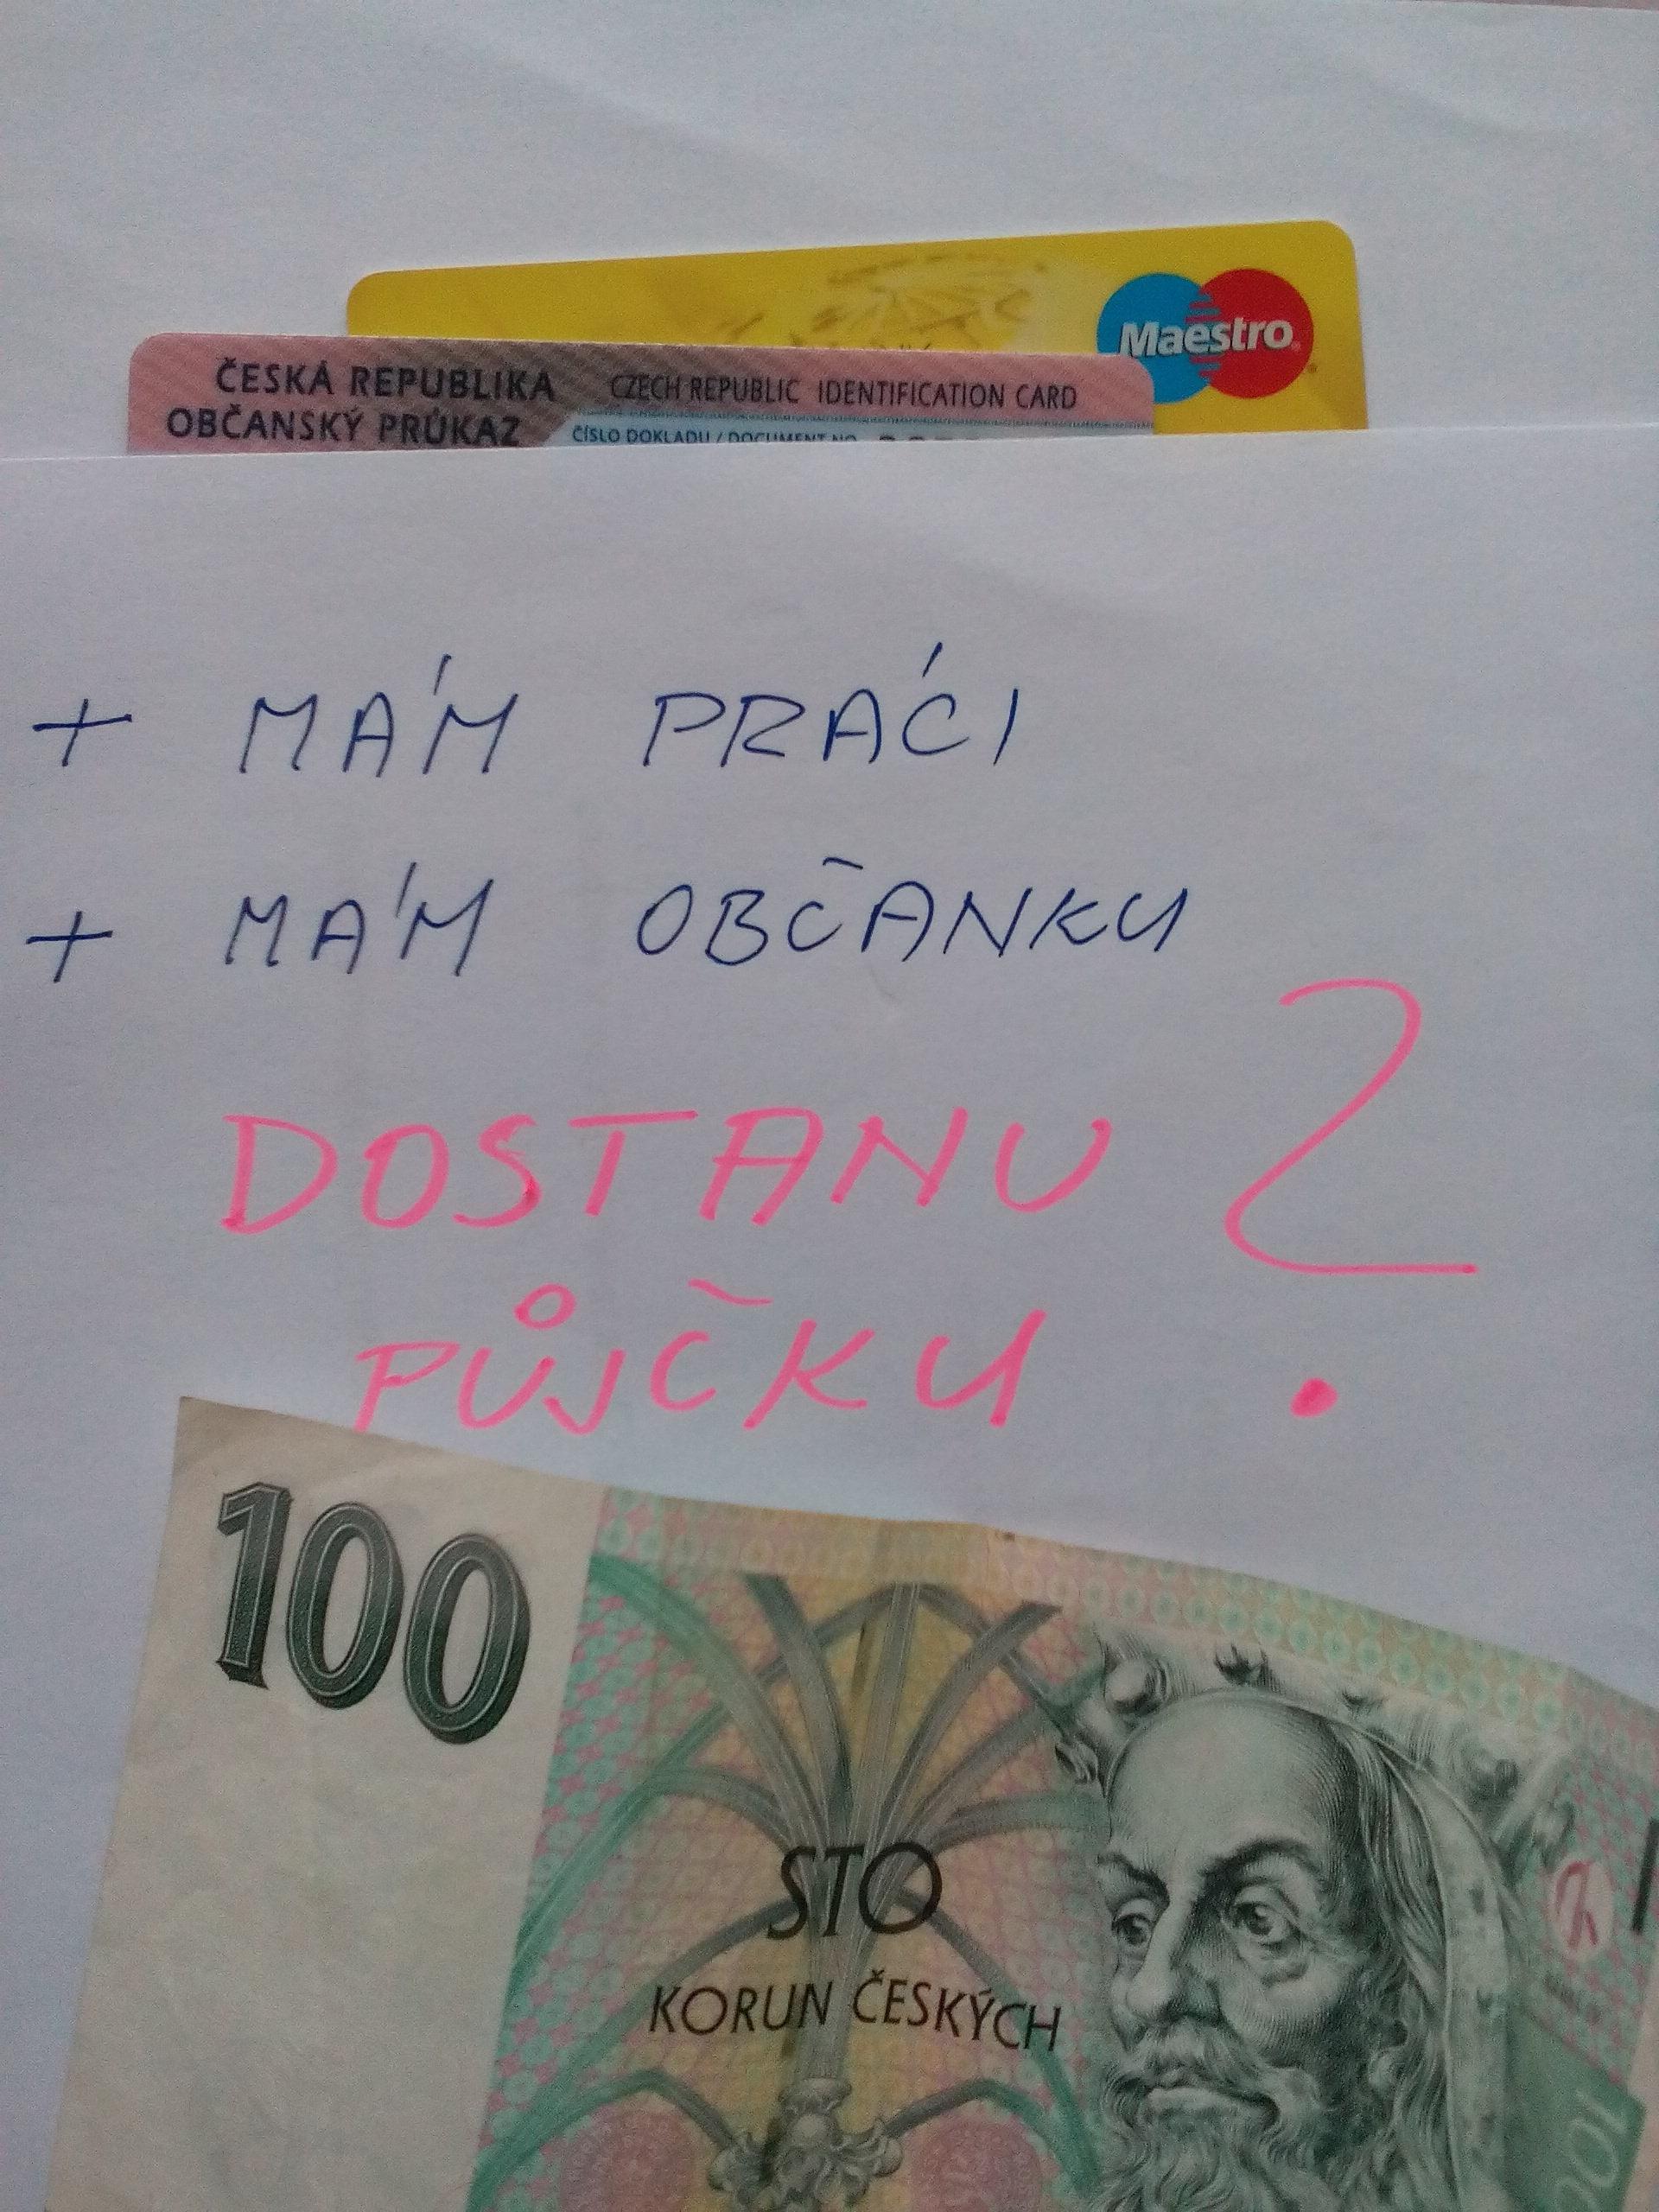 zajistím kontakt na osobu která půjčí své peníze